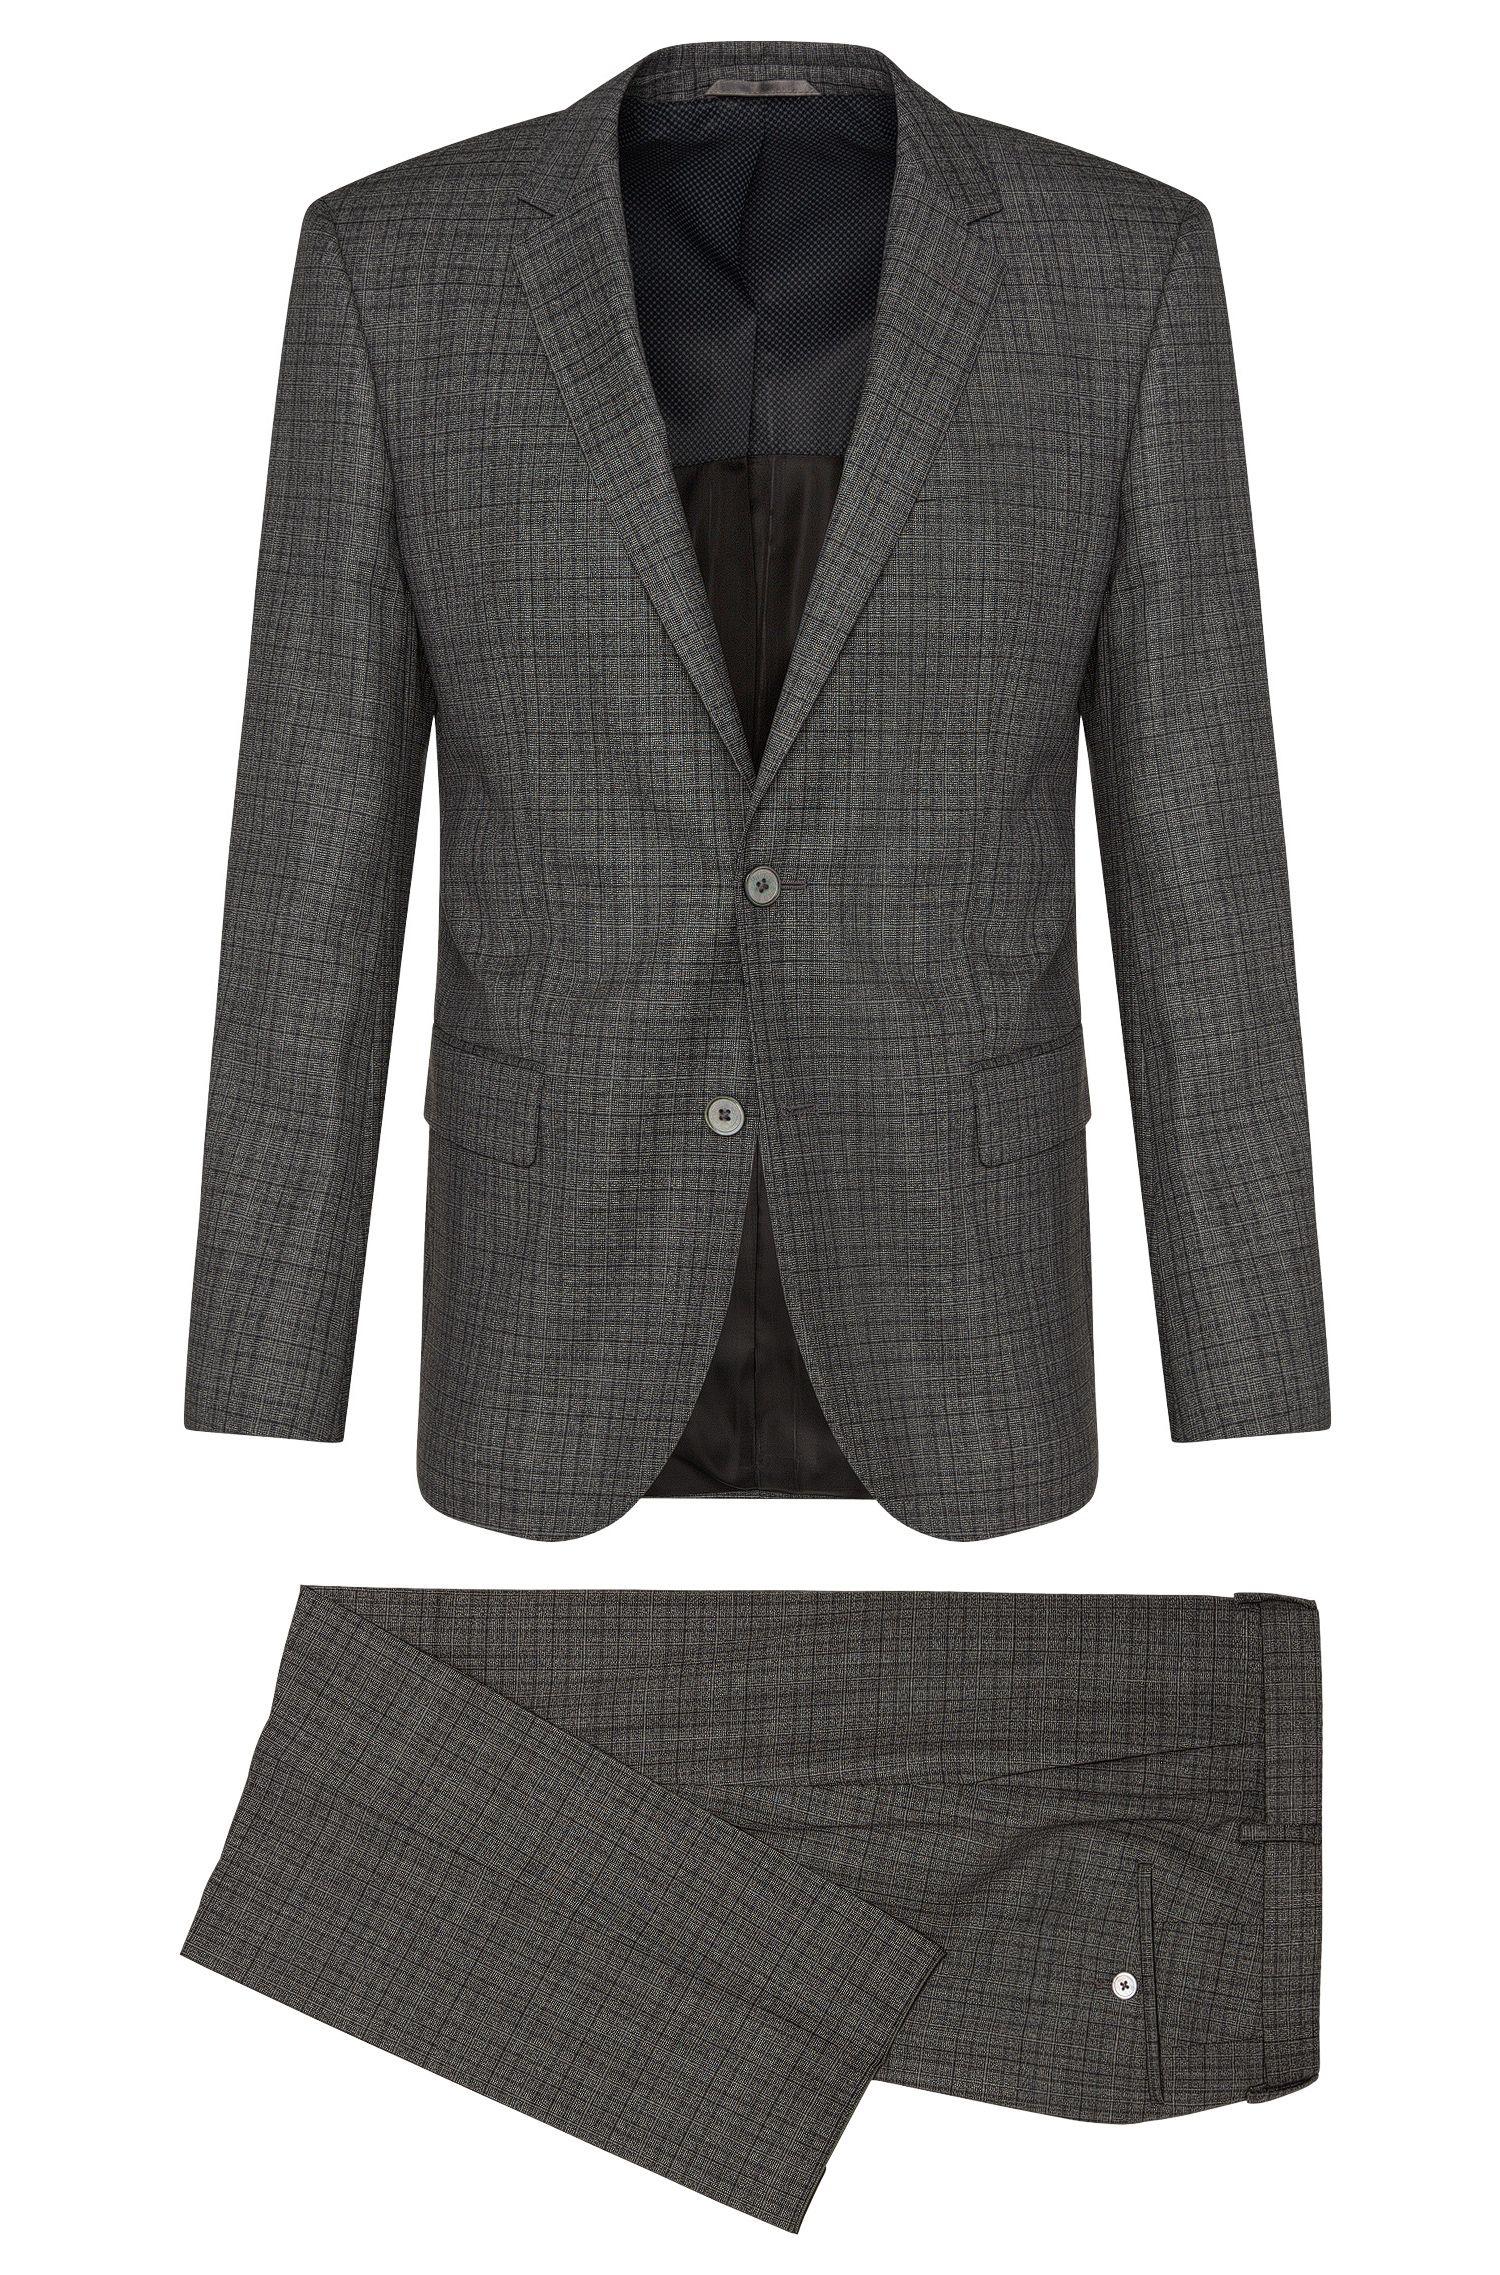 'Hutson/Gander' | Slim Fit, Super 120 Virgin Wool Suit